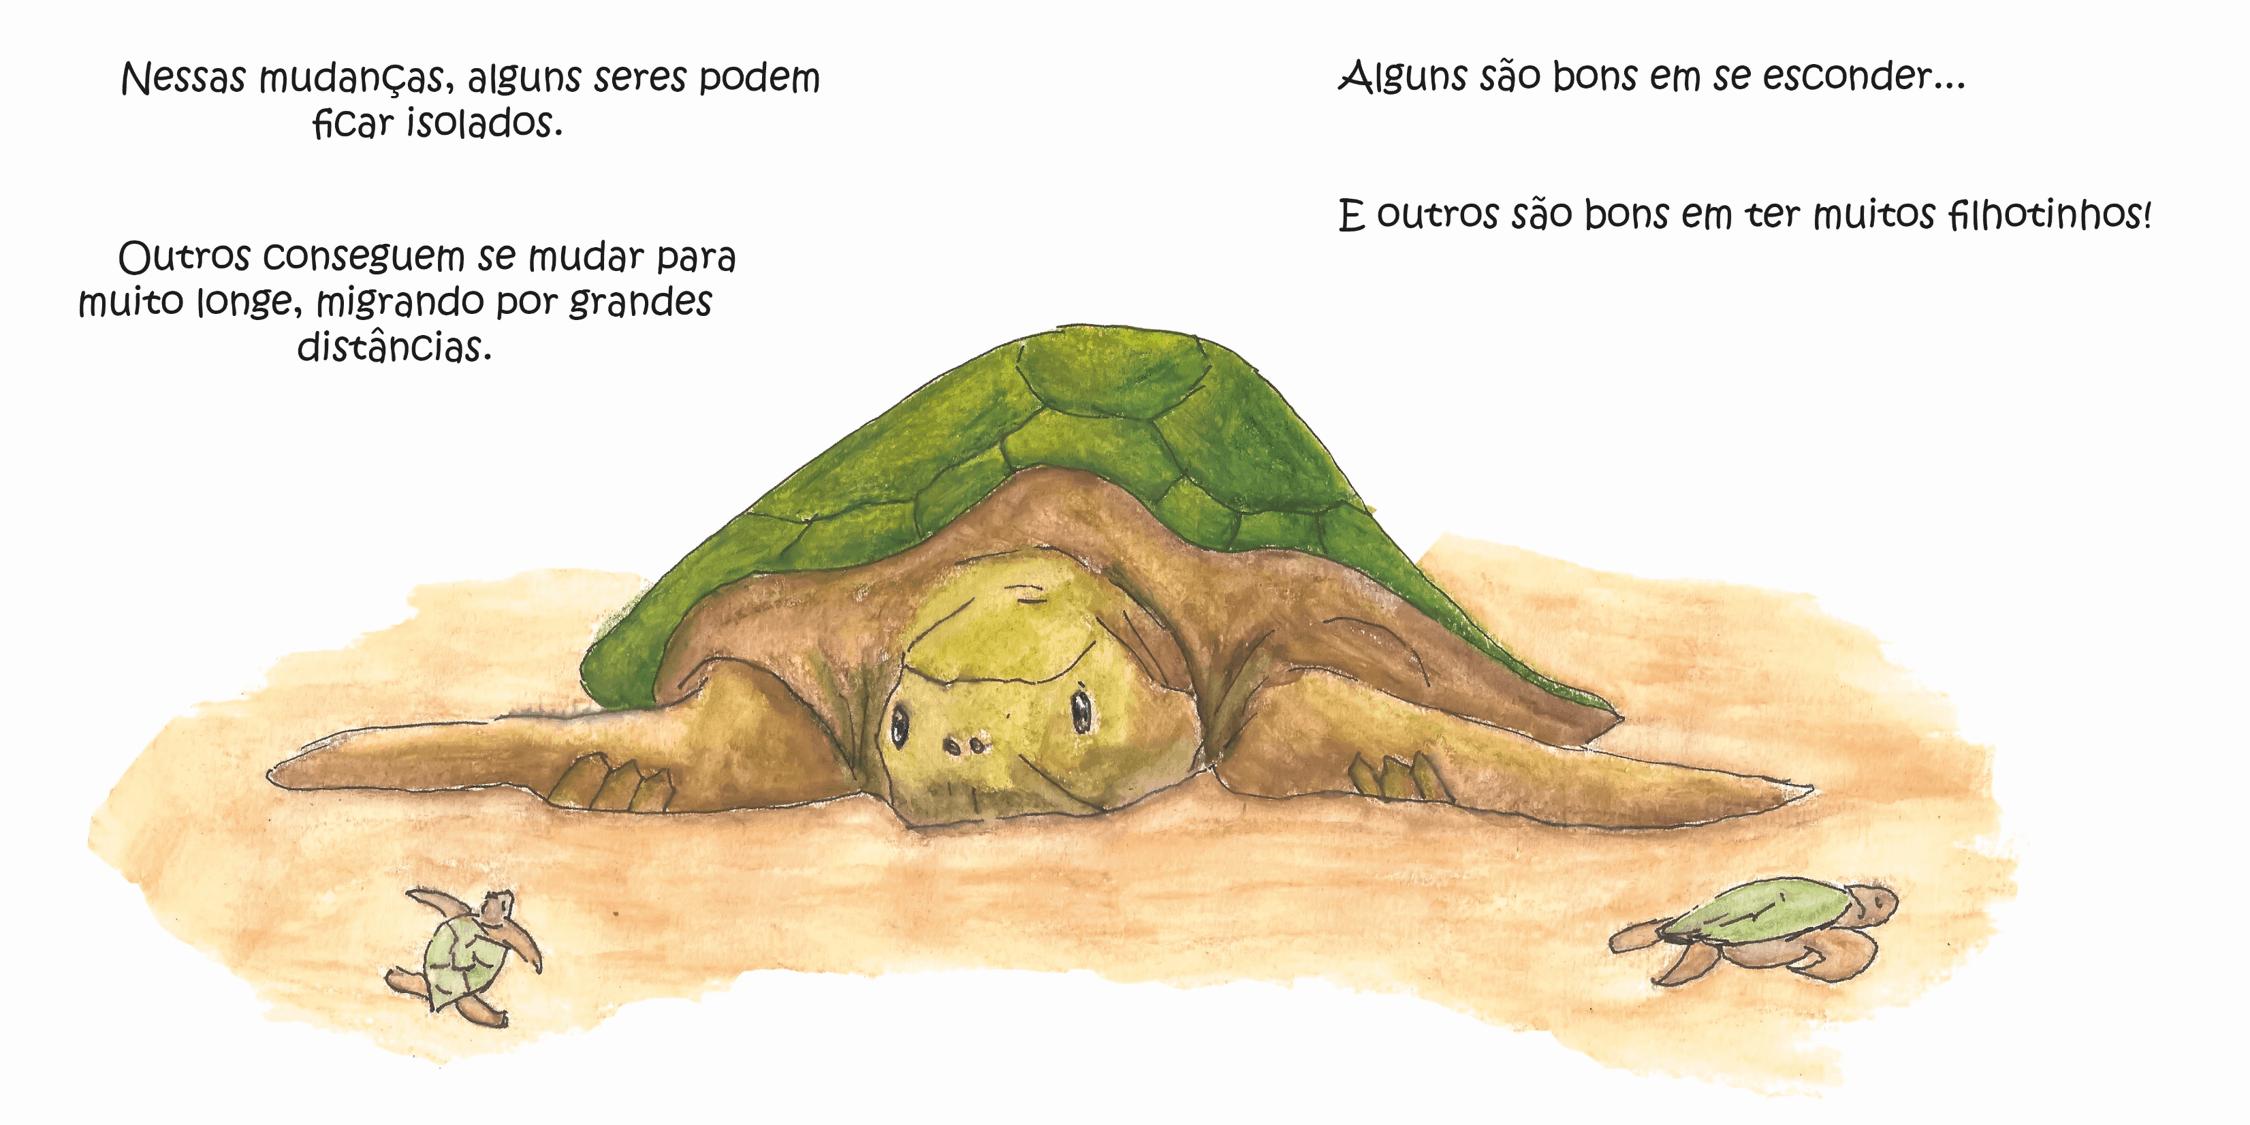 pagina-aberta-tartaruga.png